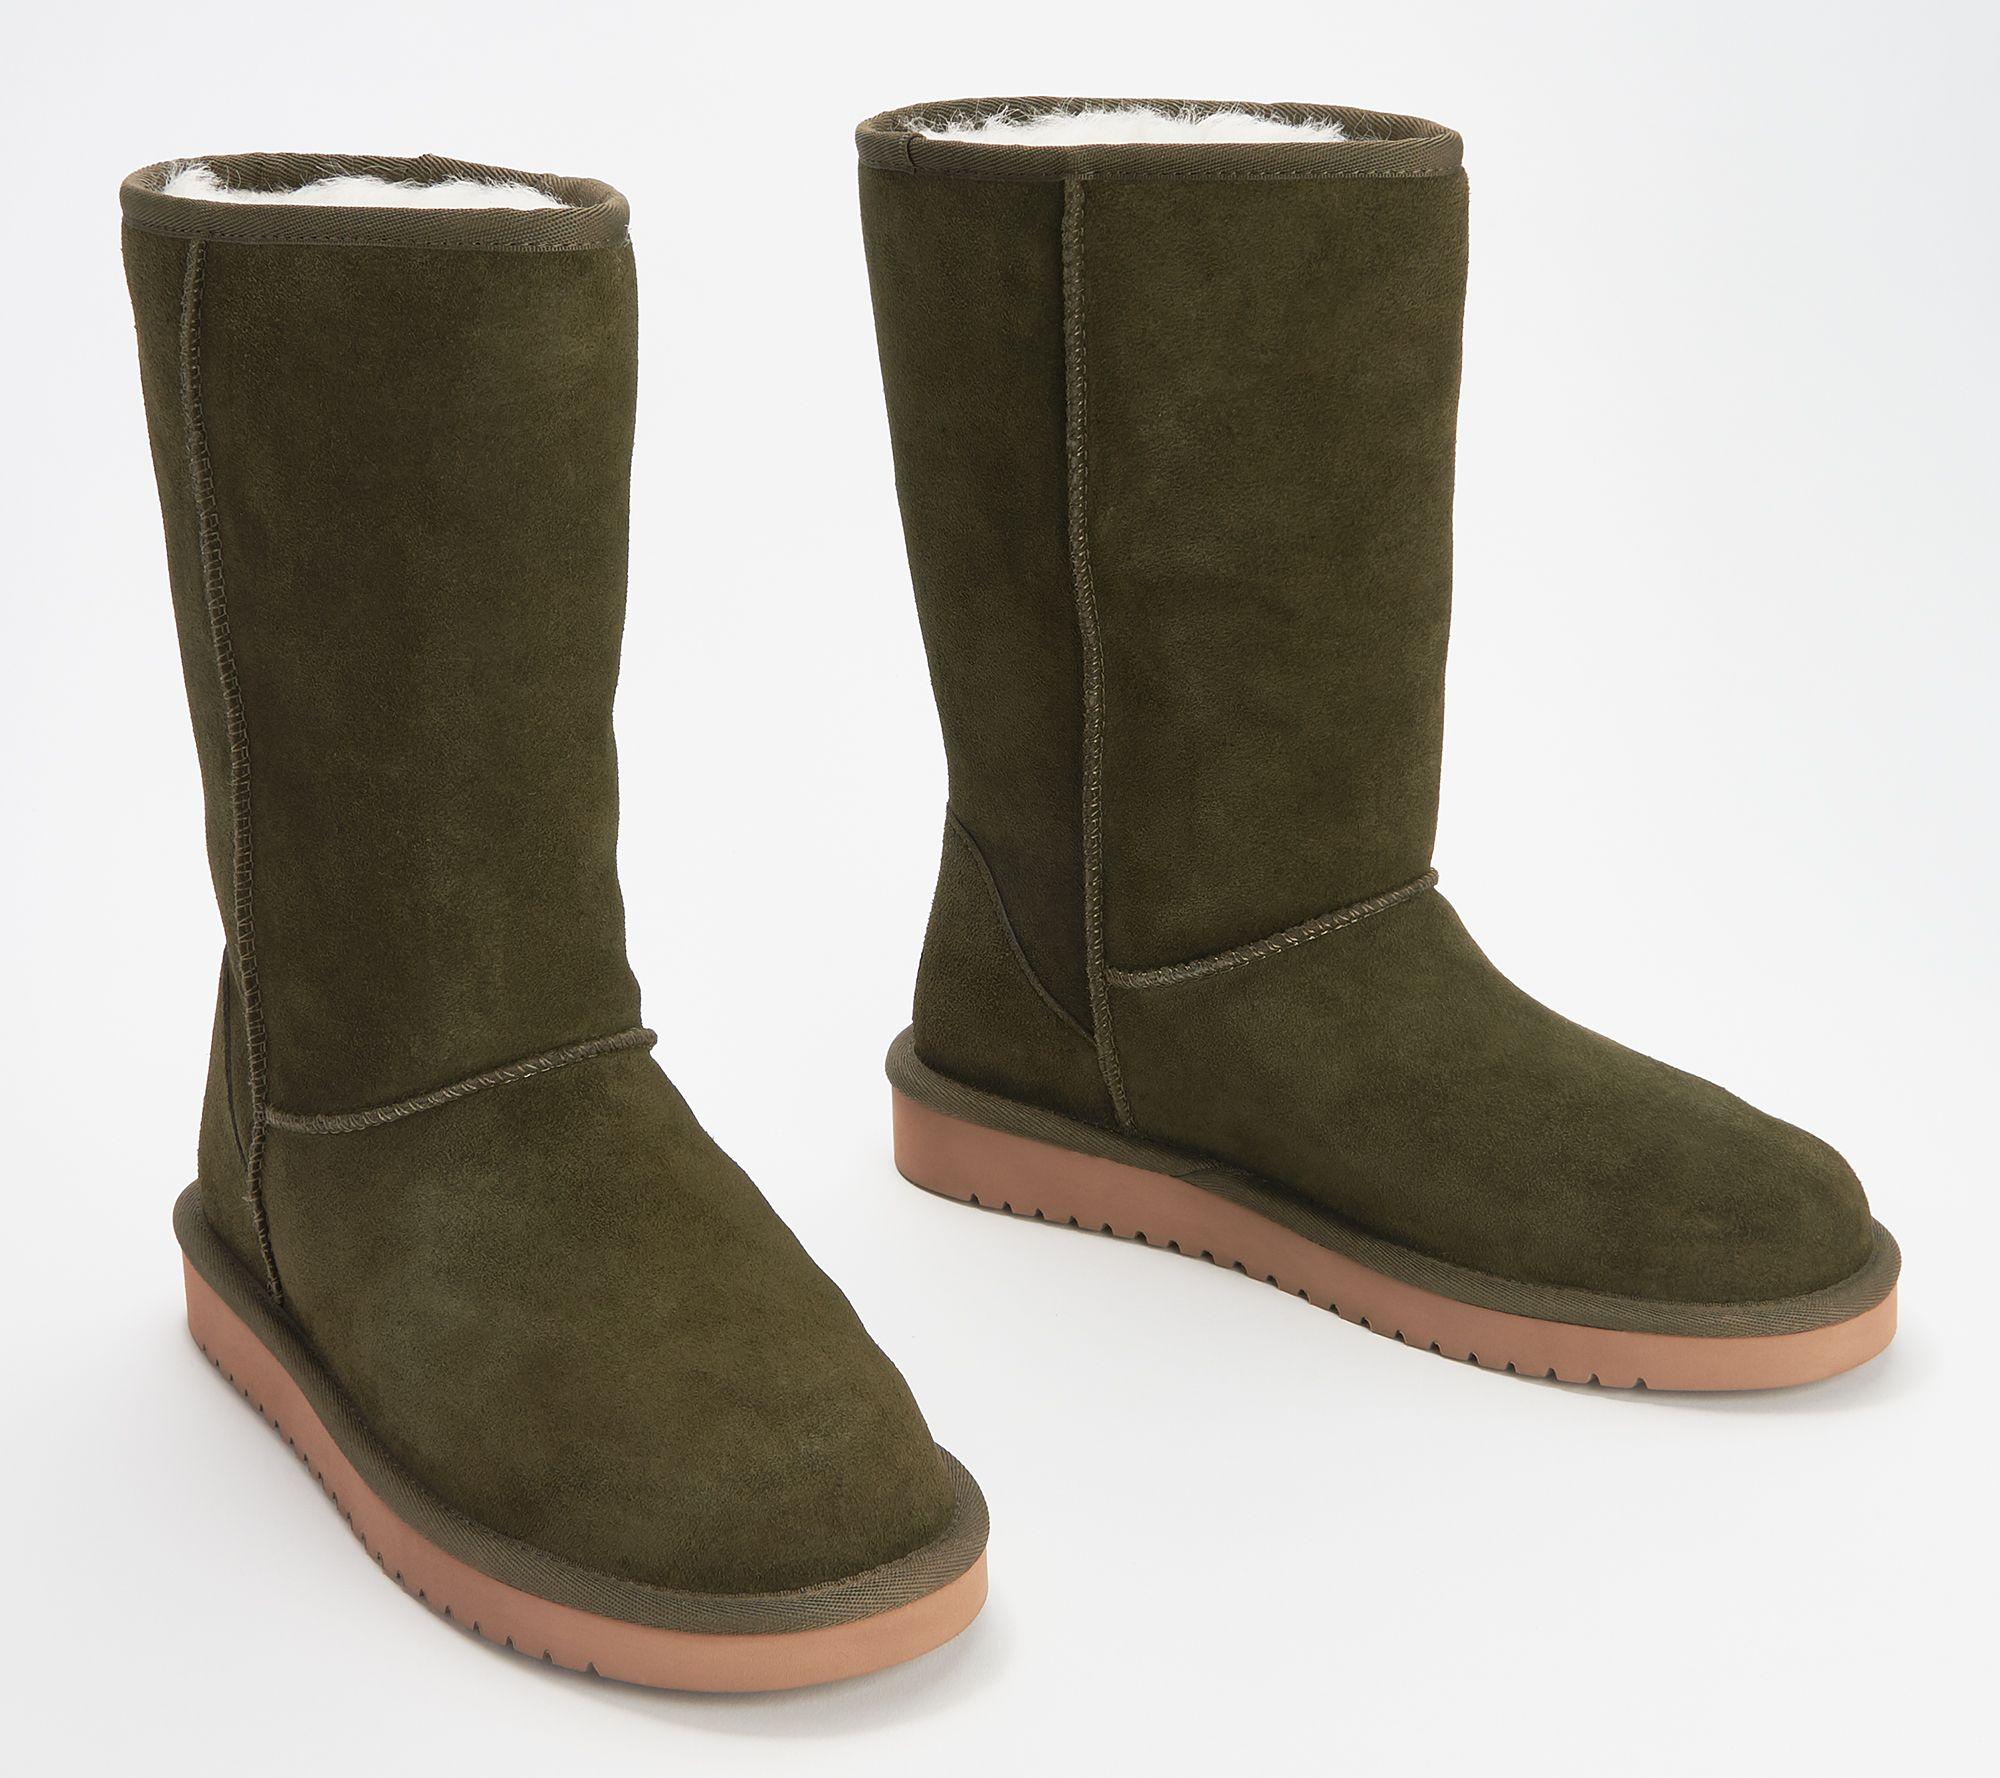 ecdb2804898 Koolaburra by UGG Suede Tall Boots - Koola — QVC.com